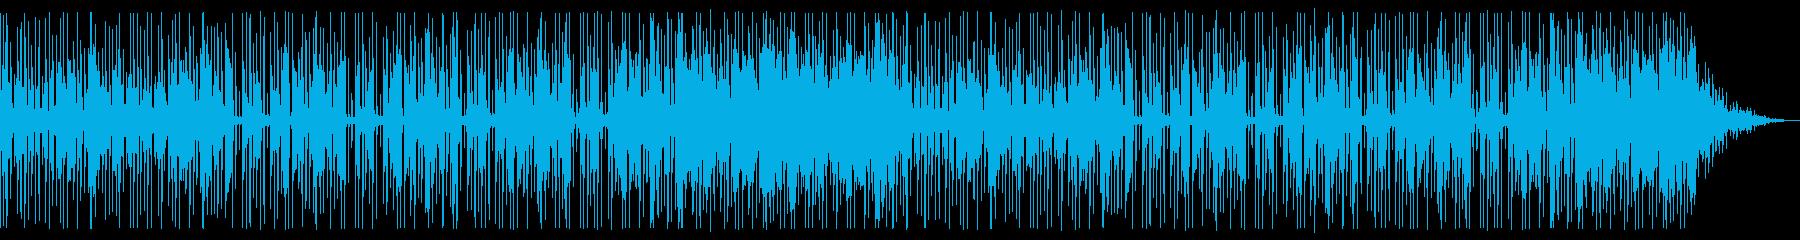 ミニマムなローファイビート楽曲の再生済みの波形